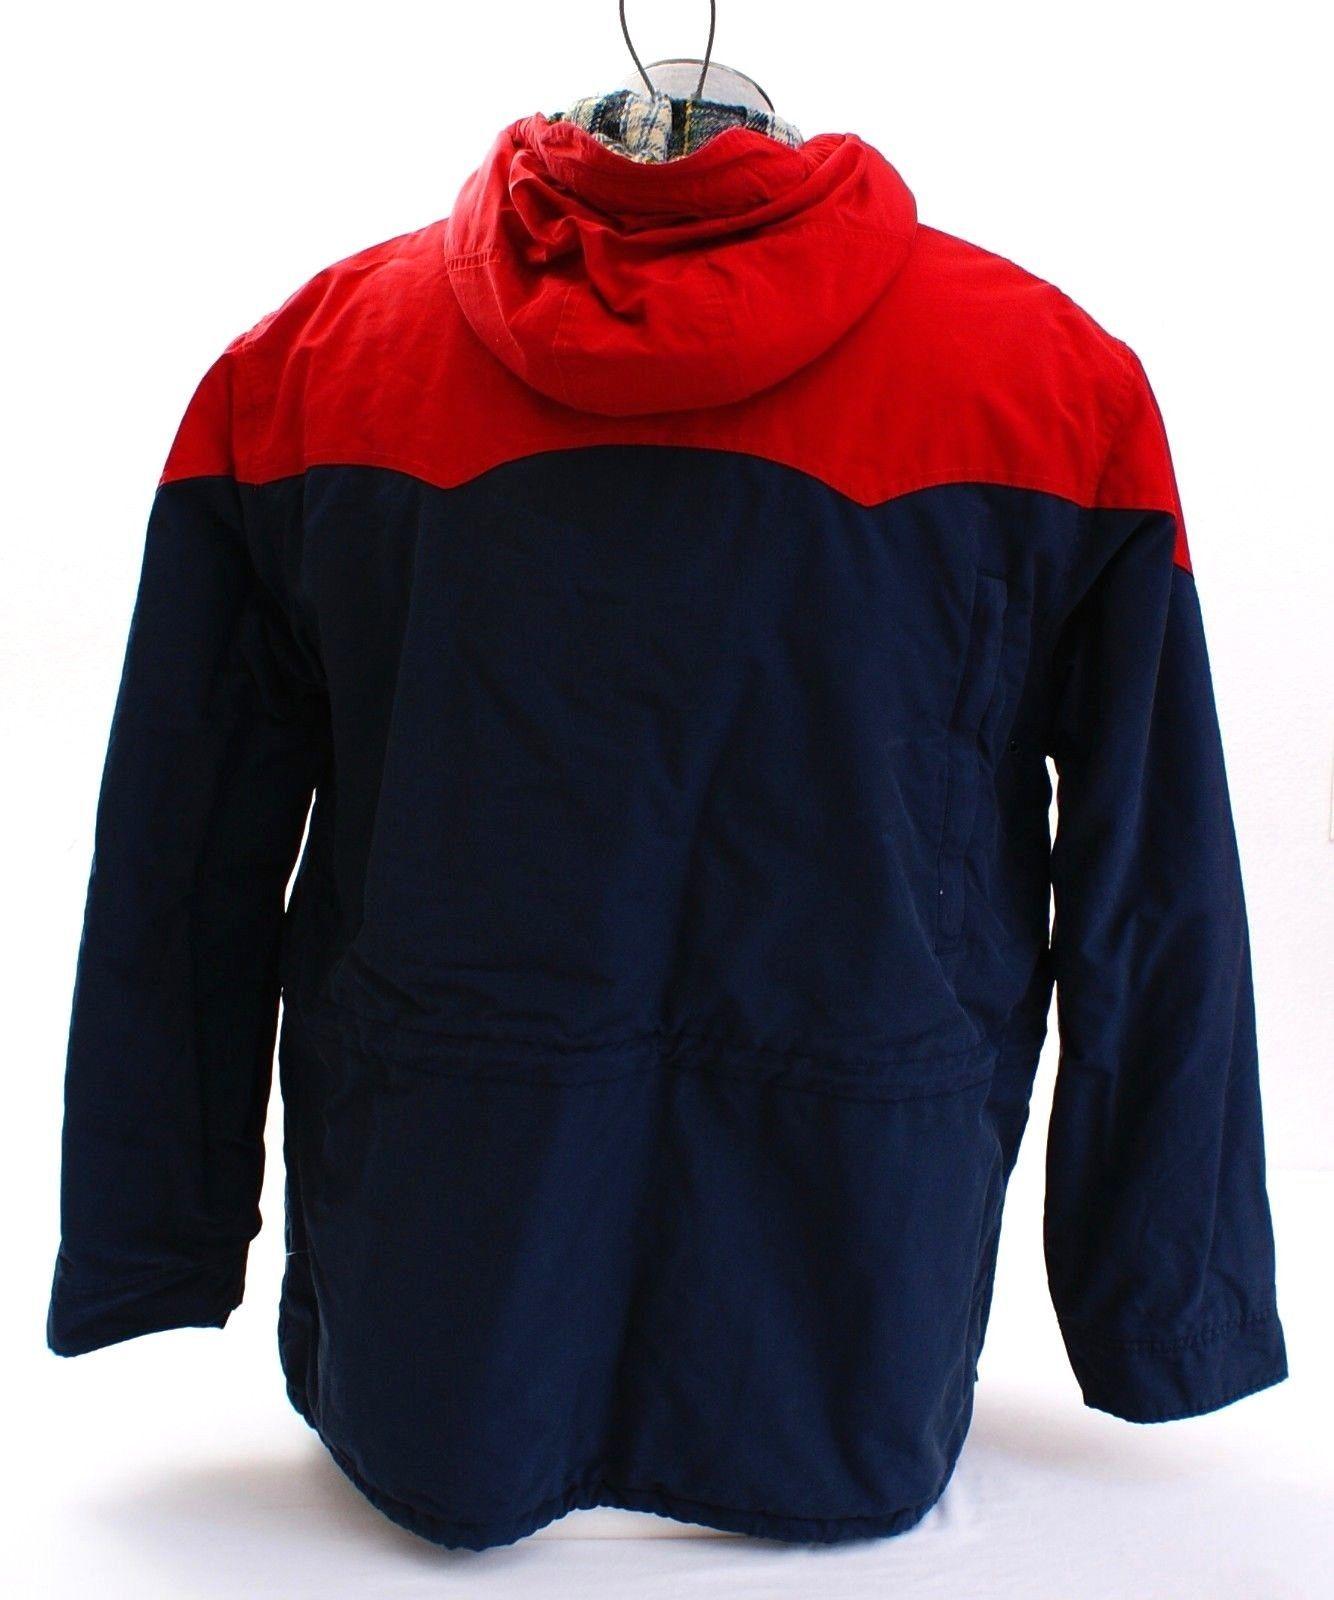 Polo Ralph Lauren Red & Blue Zip Front Hooded Jacket Coat Men's NWT